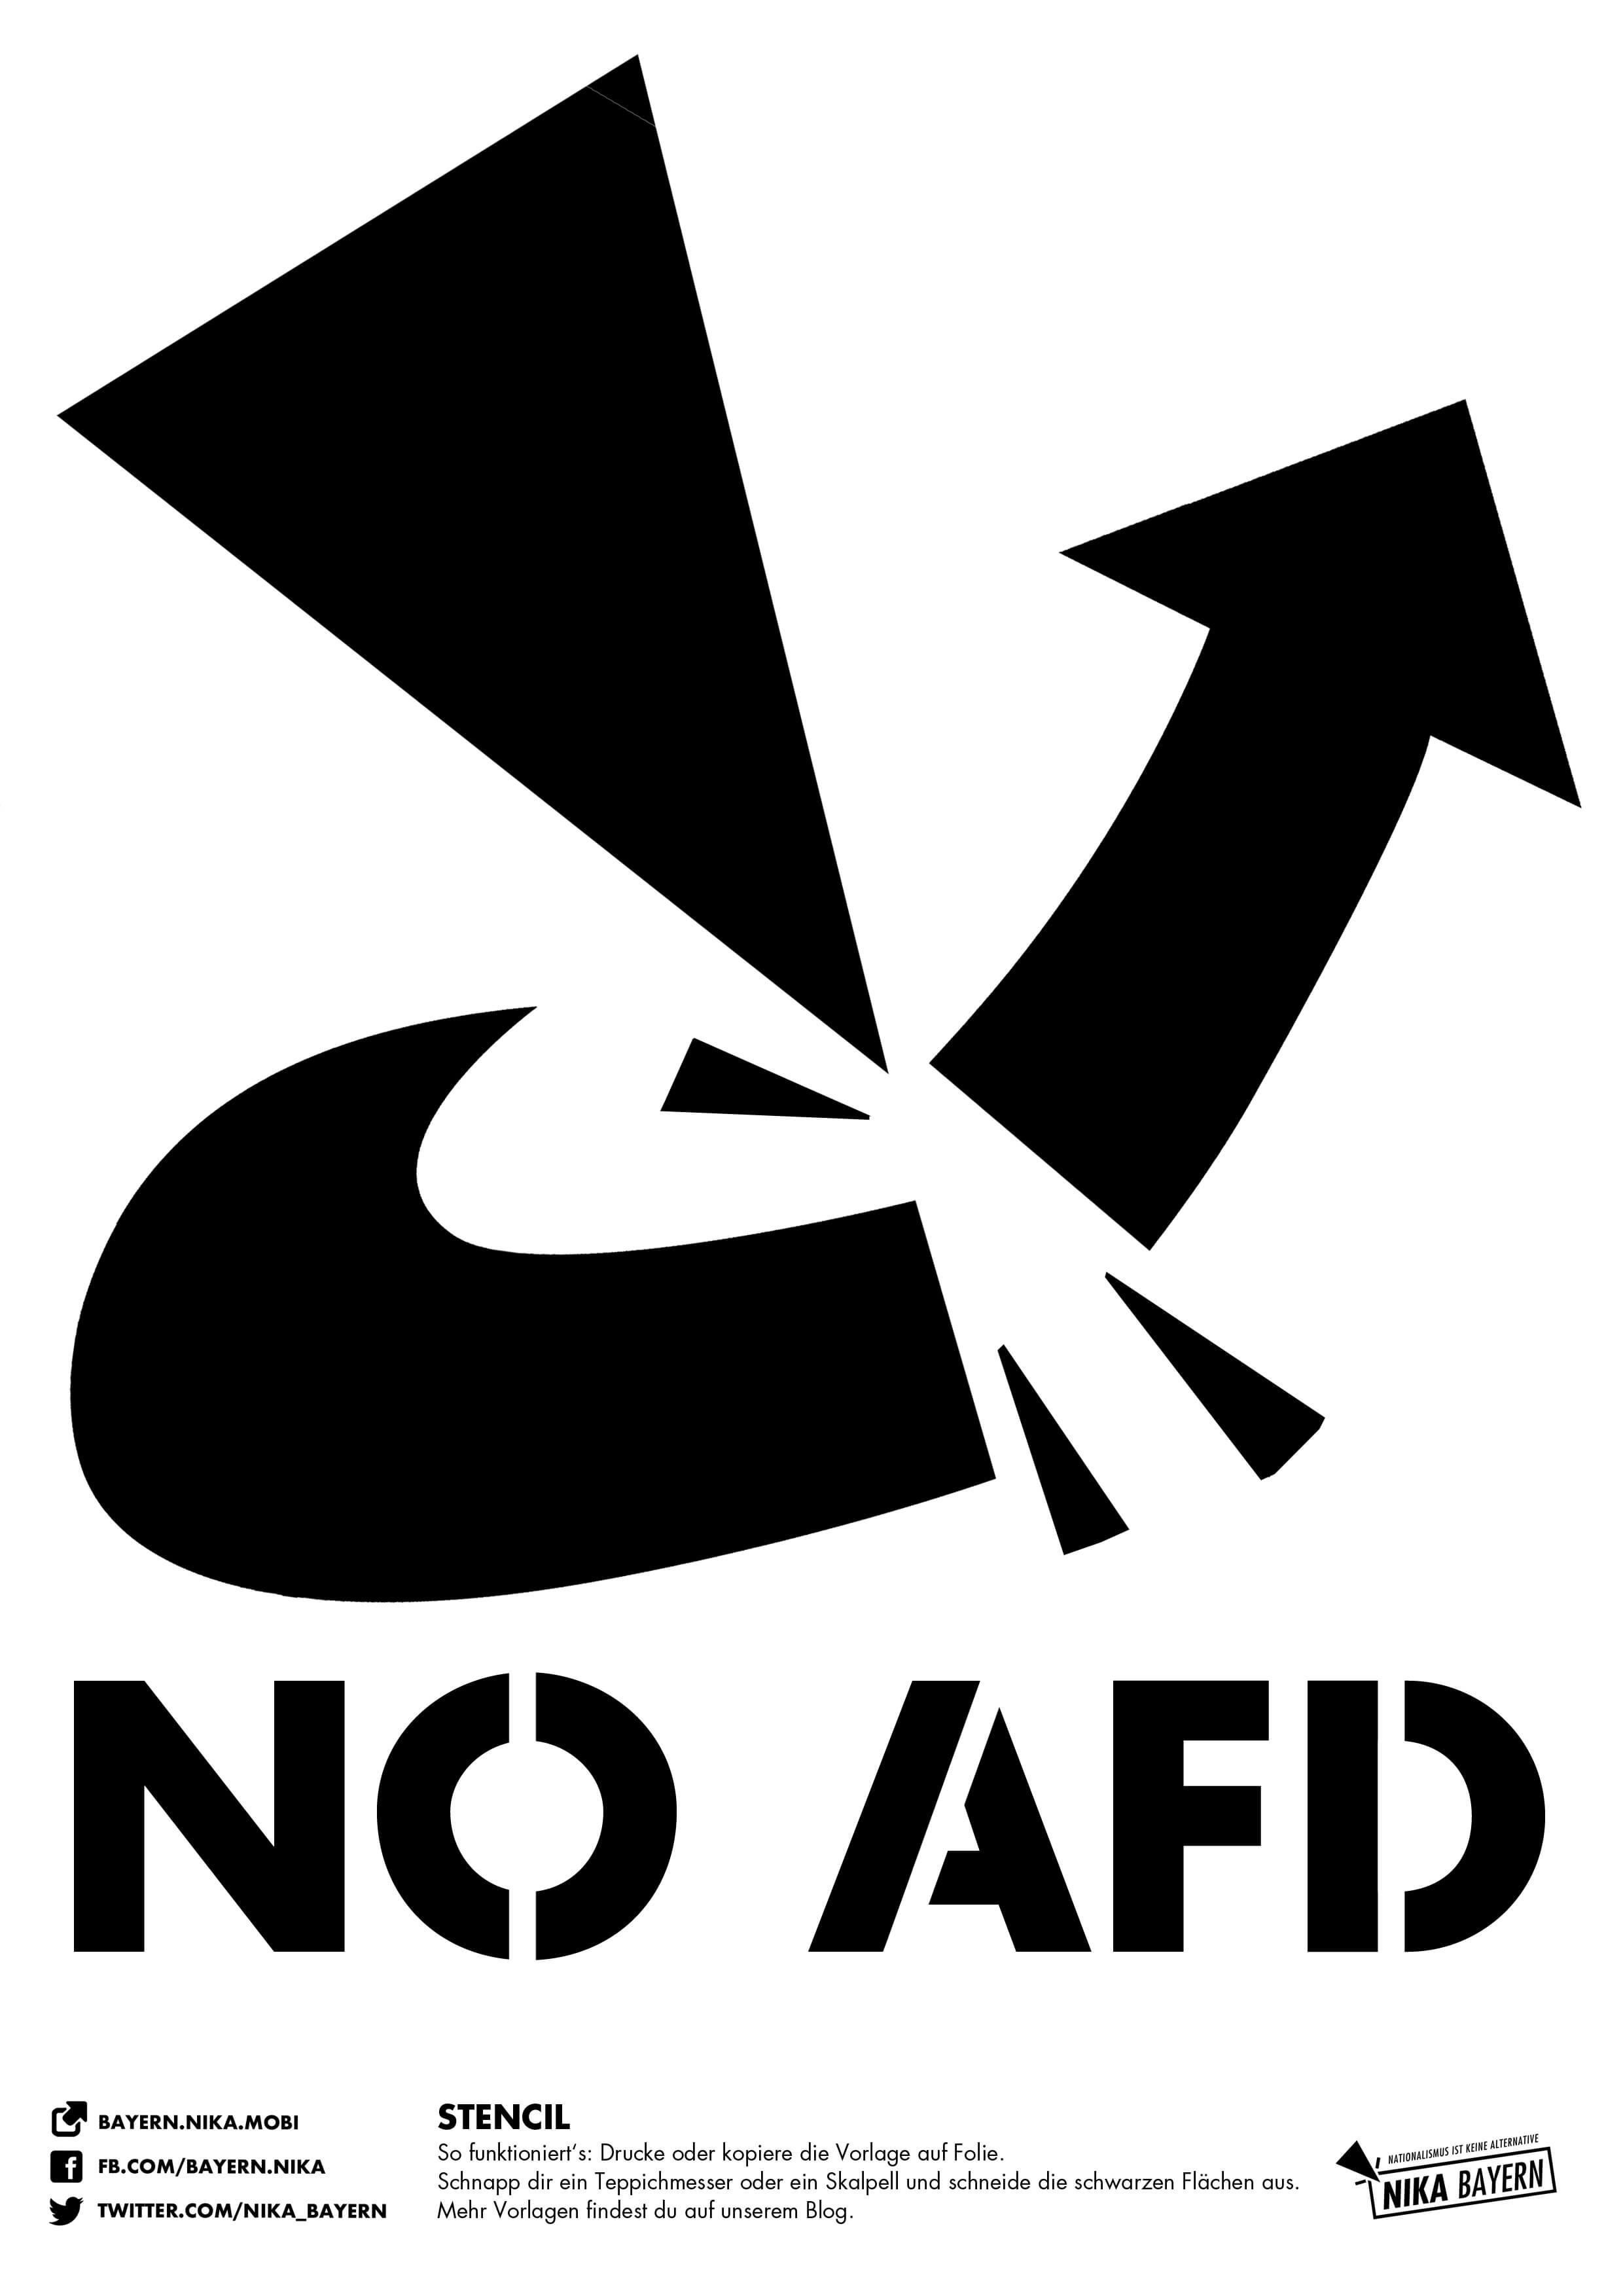 Stencil-Vorlagen – Nationalismus ist keine Alternative